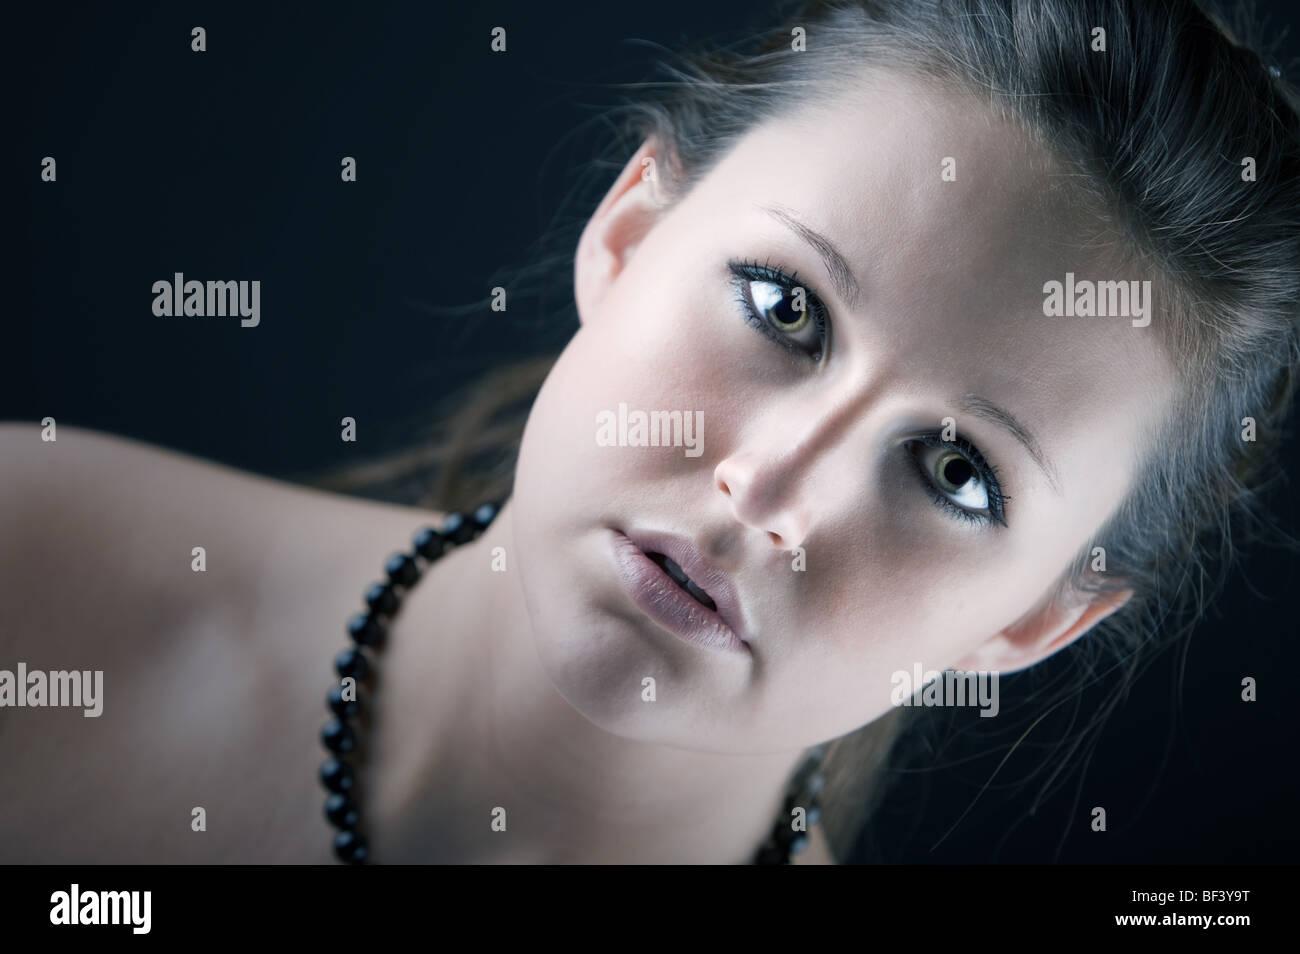 Portrait saisissant d'une jolie adolescente. Profondeur de champ Photo Stock